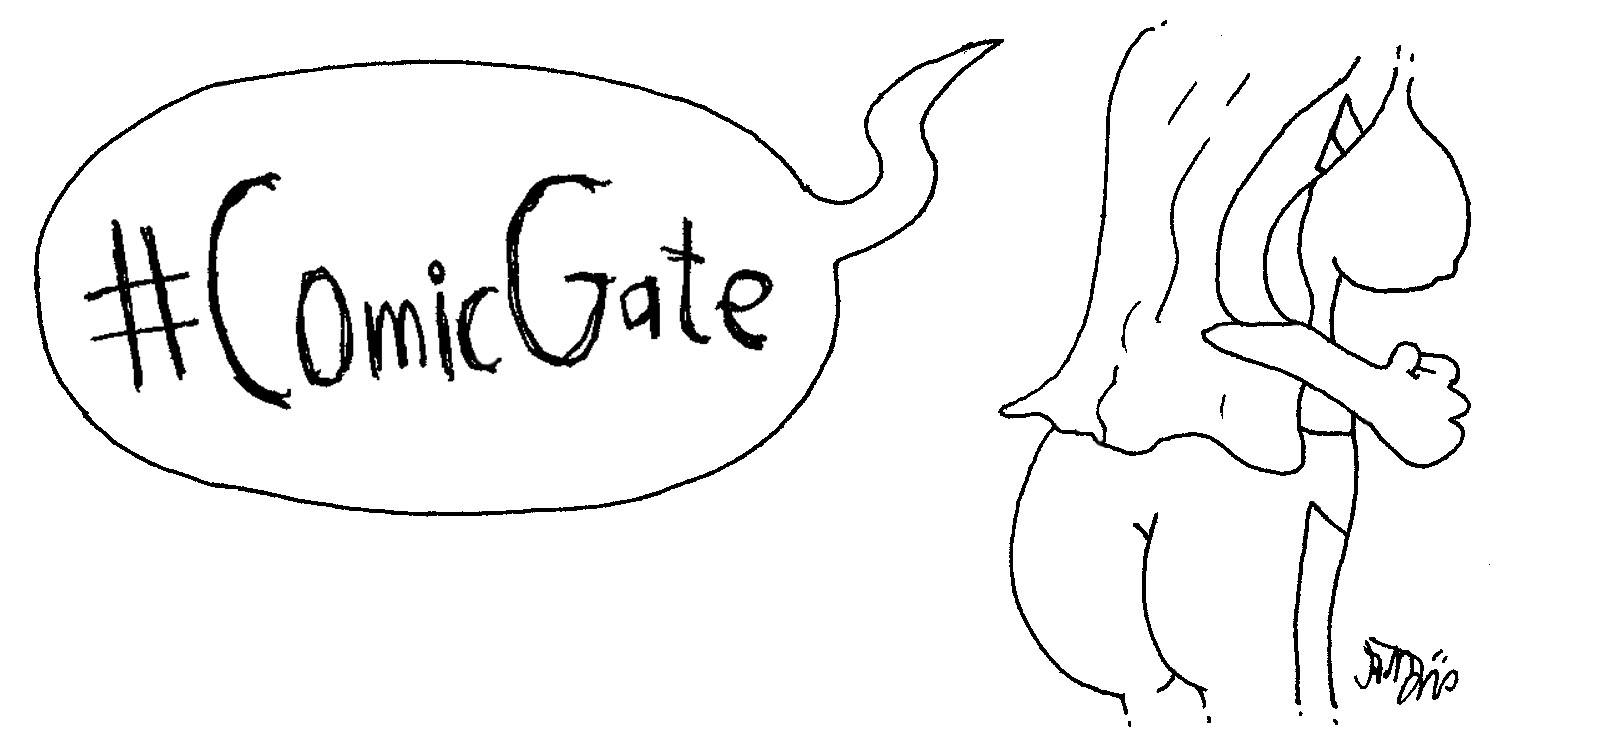 #ComicGate und die Sexismusdebatte in der Comicwelt